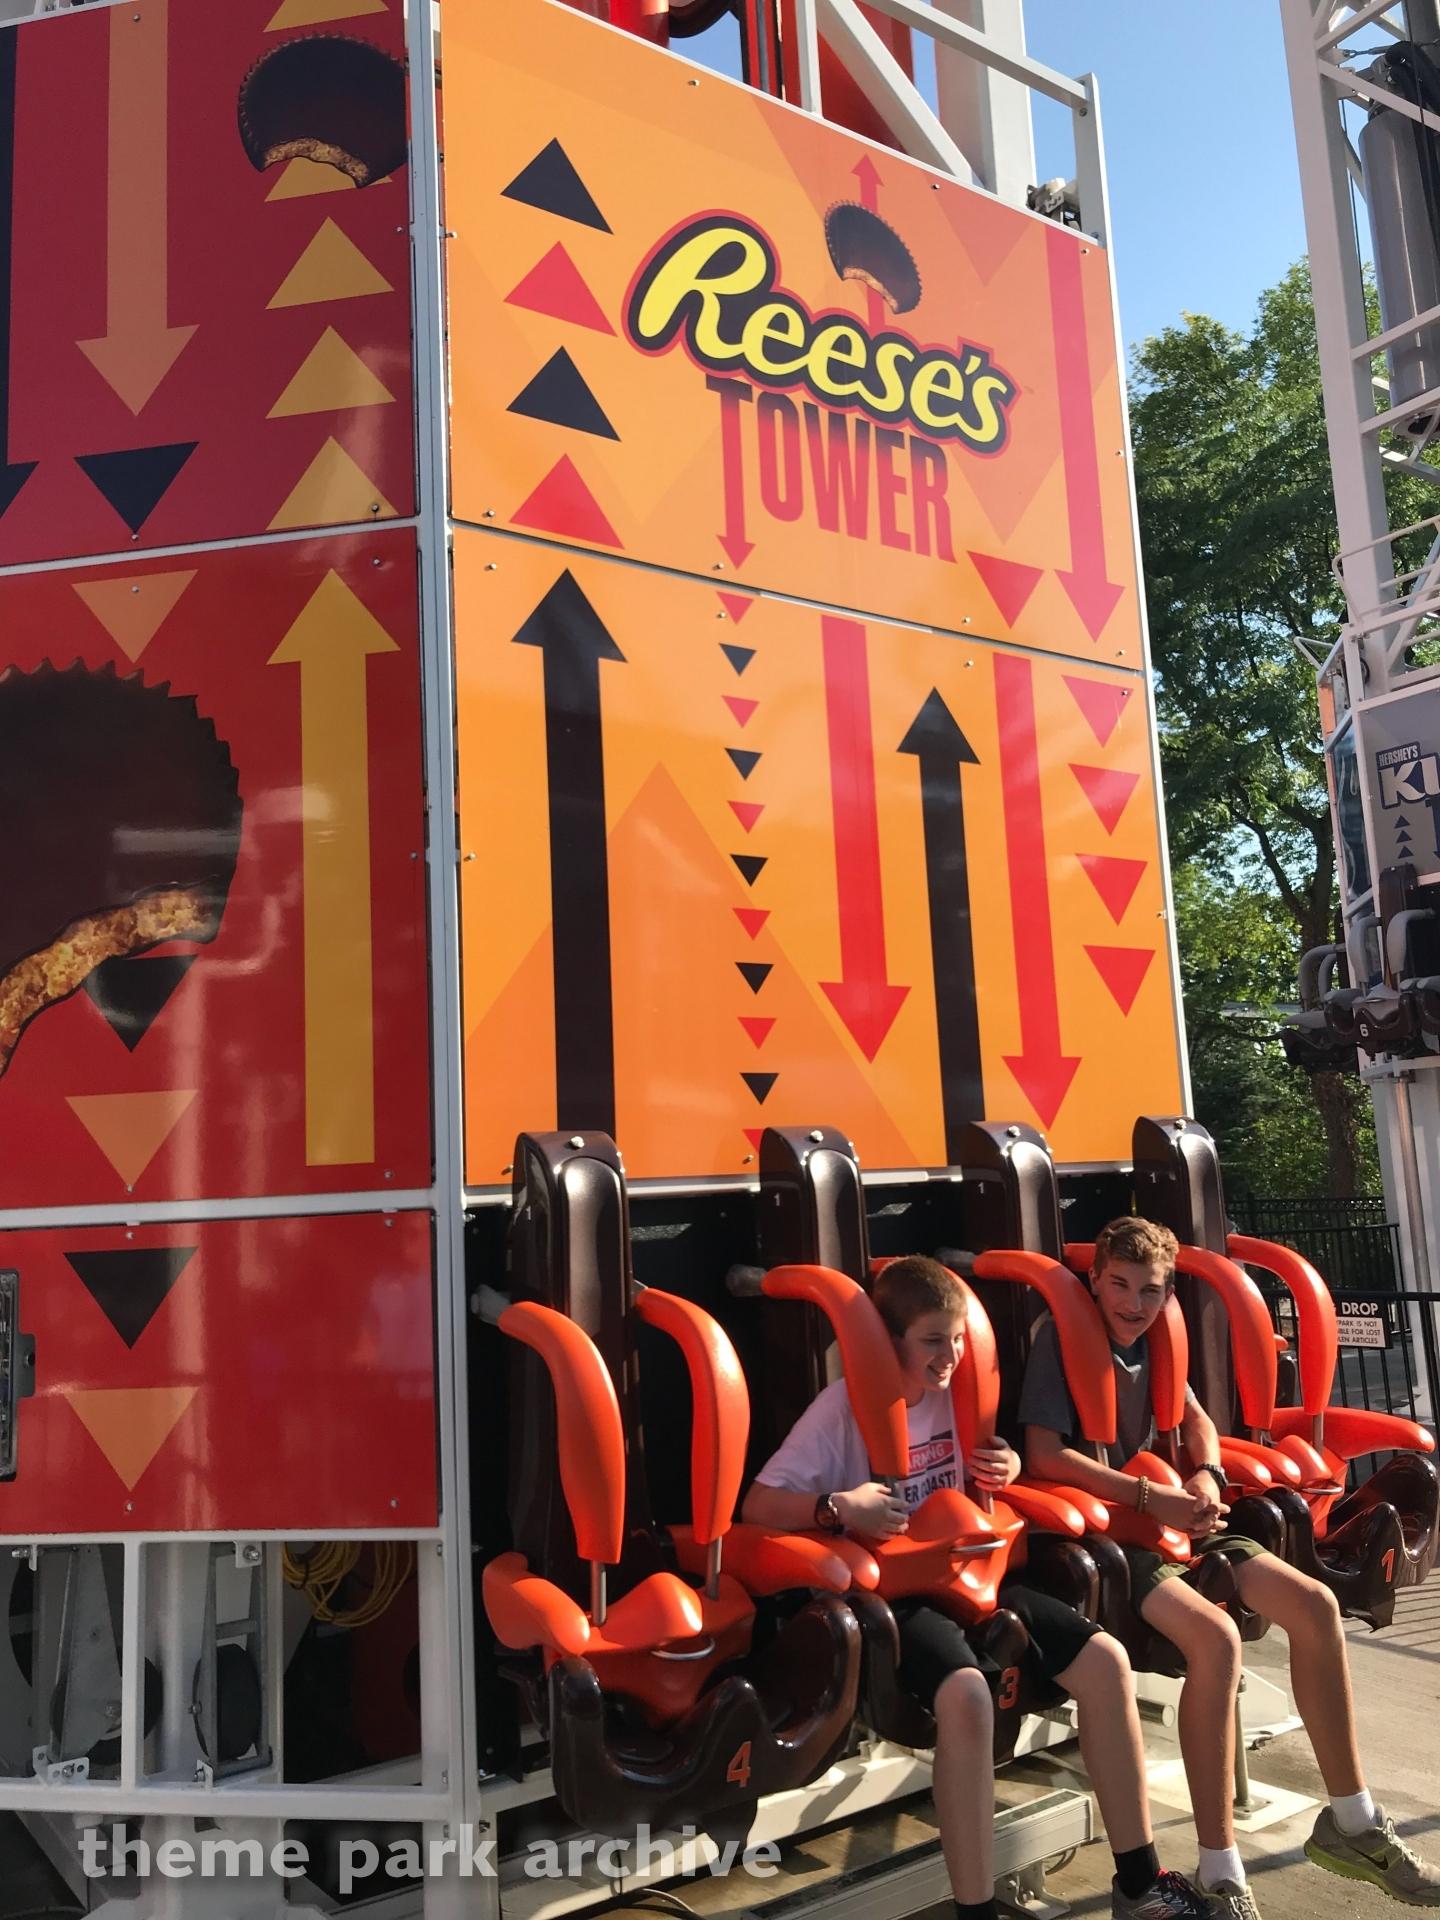 Hershey Triple Tower at Hersheypark